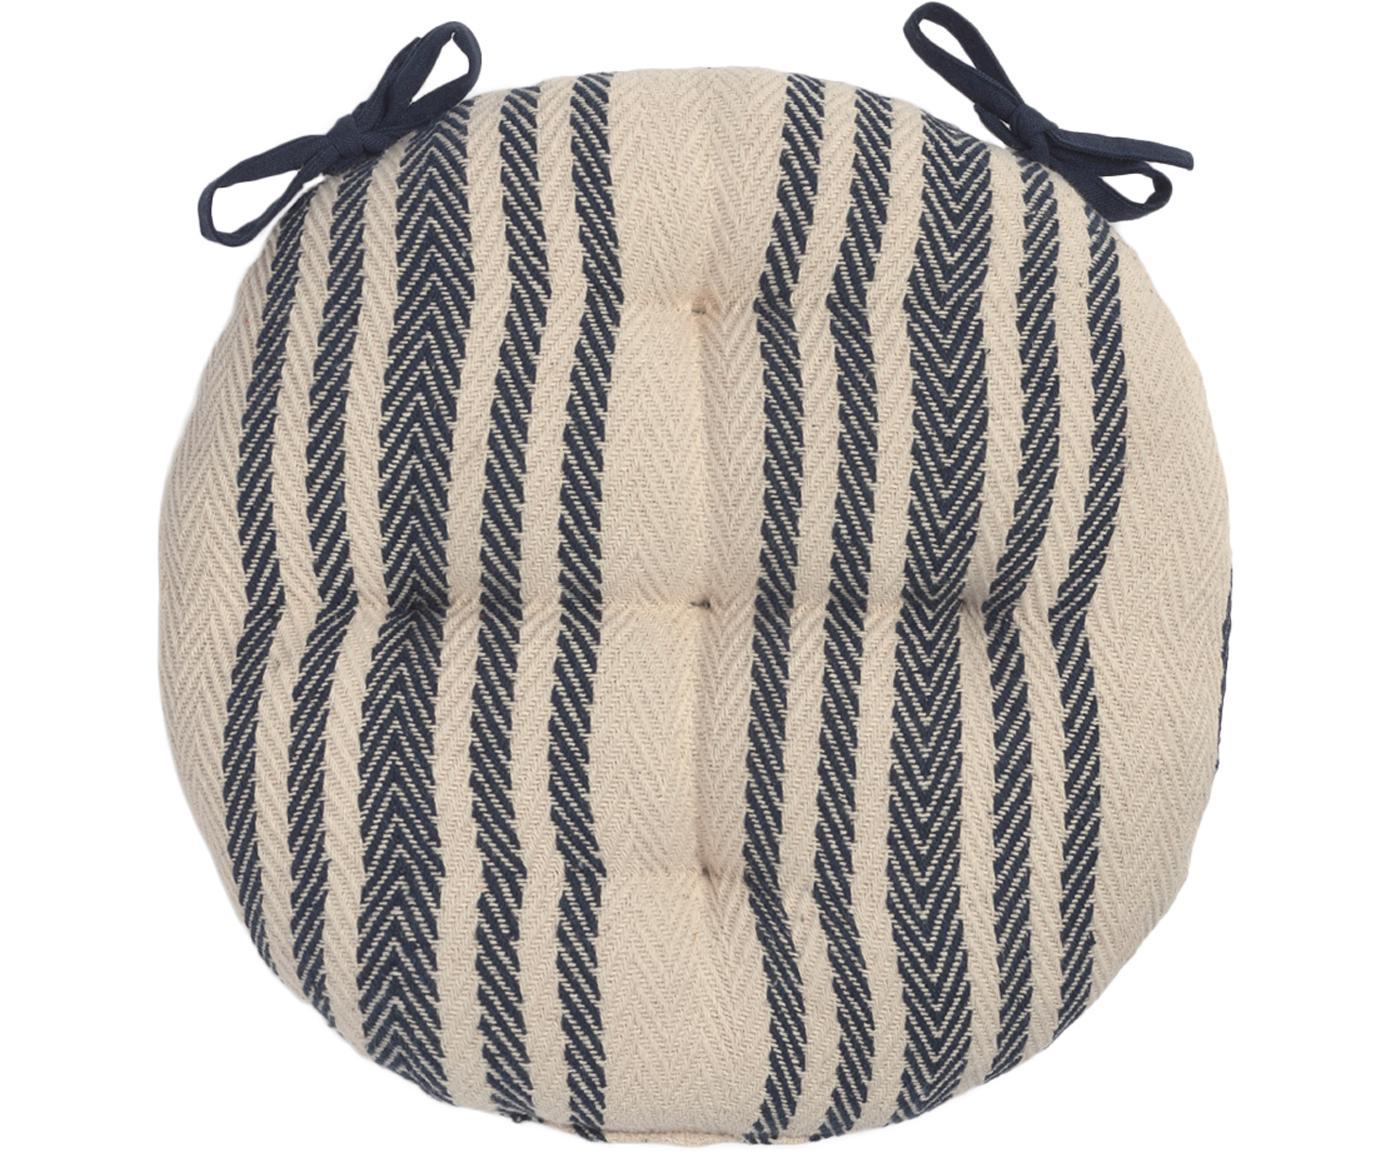 Stoelkussen Puket, Donkerblauw, wit, Ø 40 cm